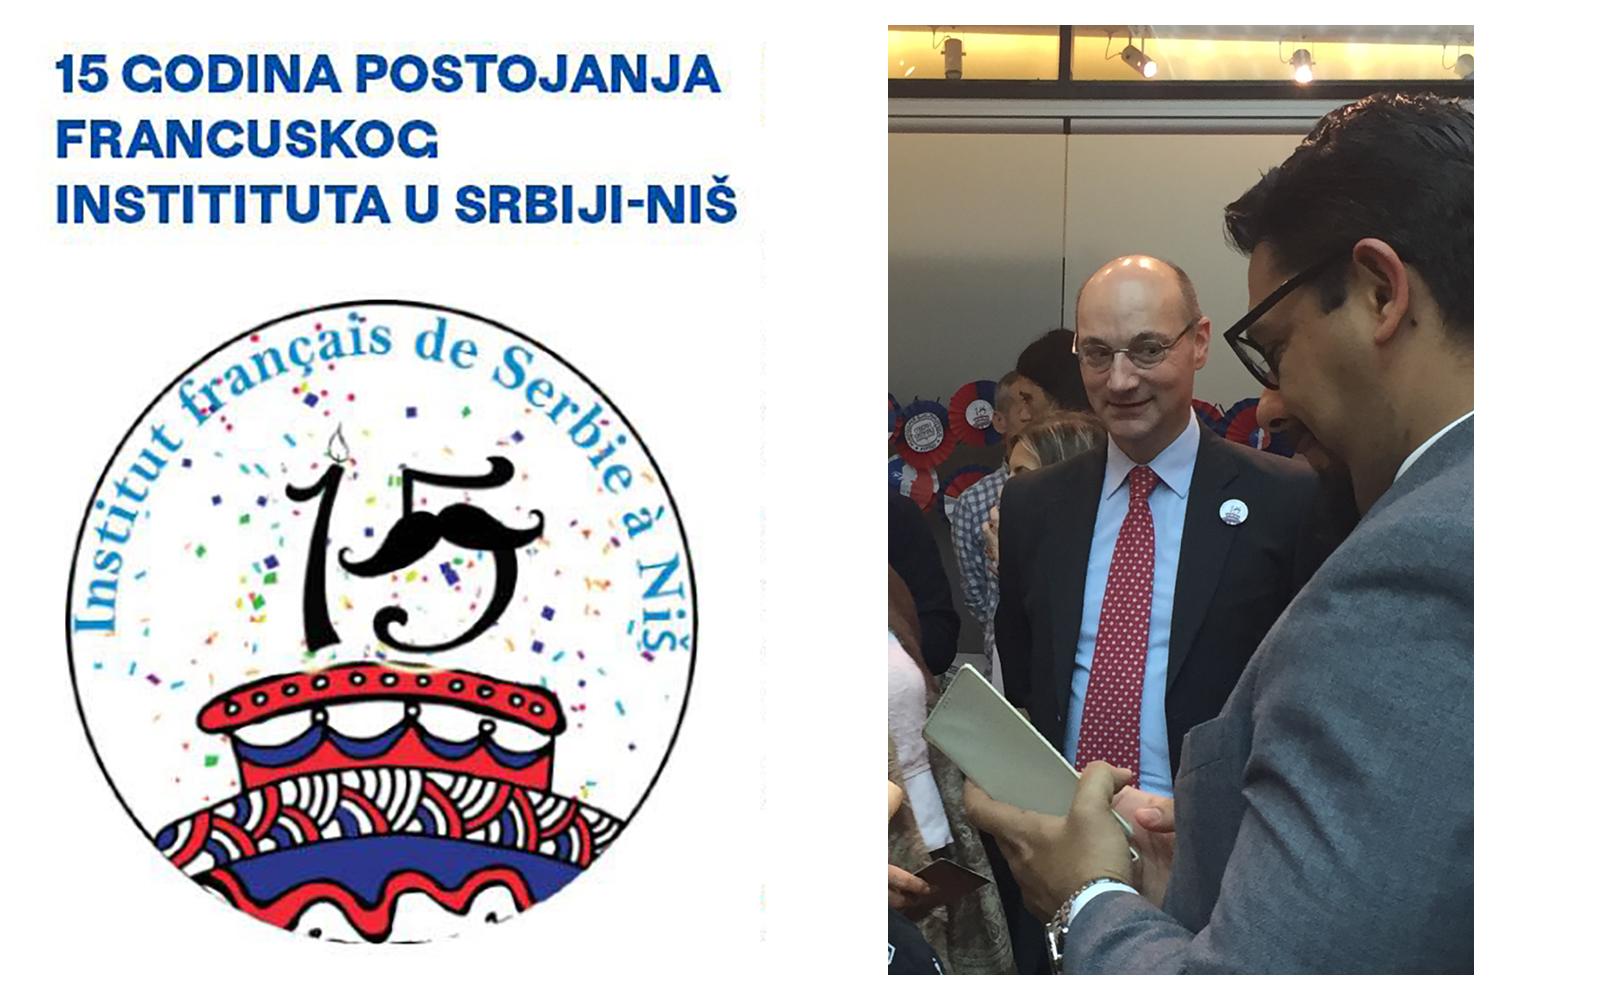 Obeležavanje 15 godina postojanja Francuskog instituta Srbije u Nišu